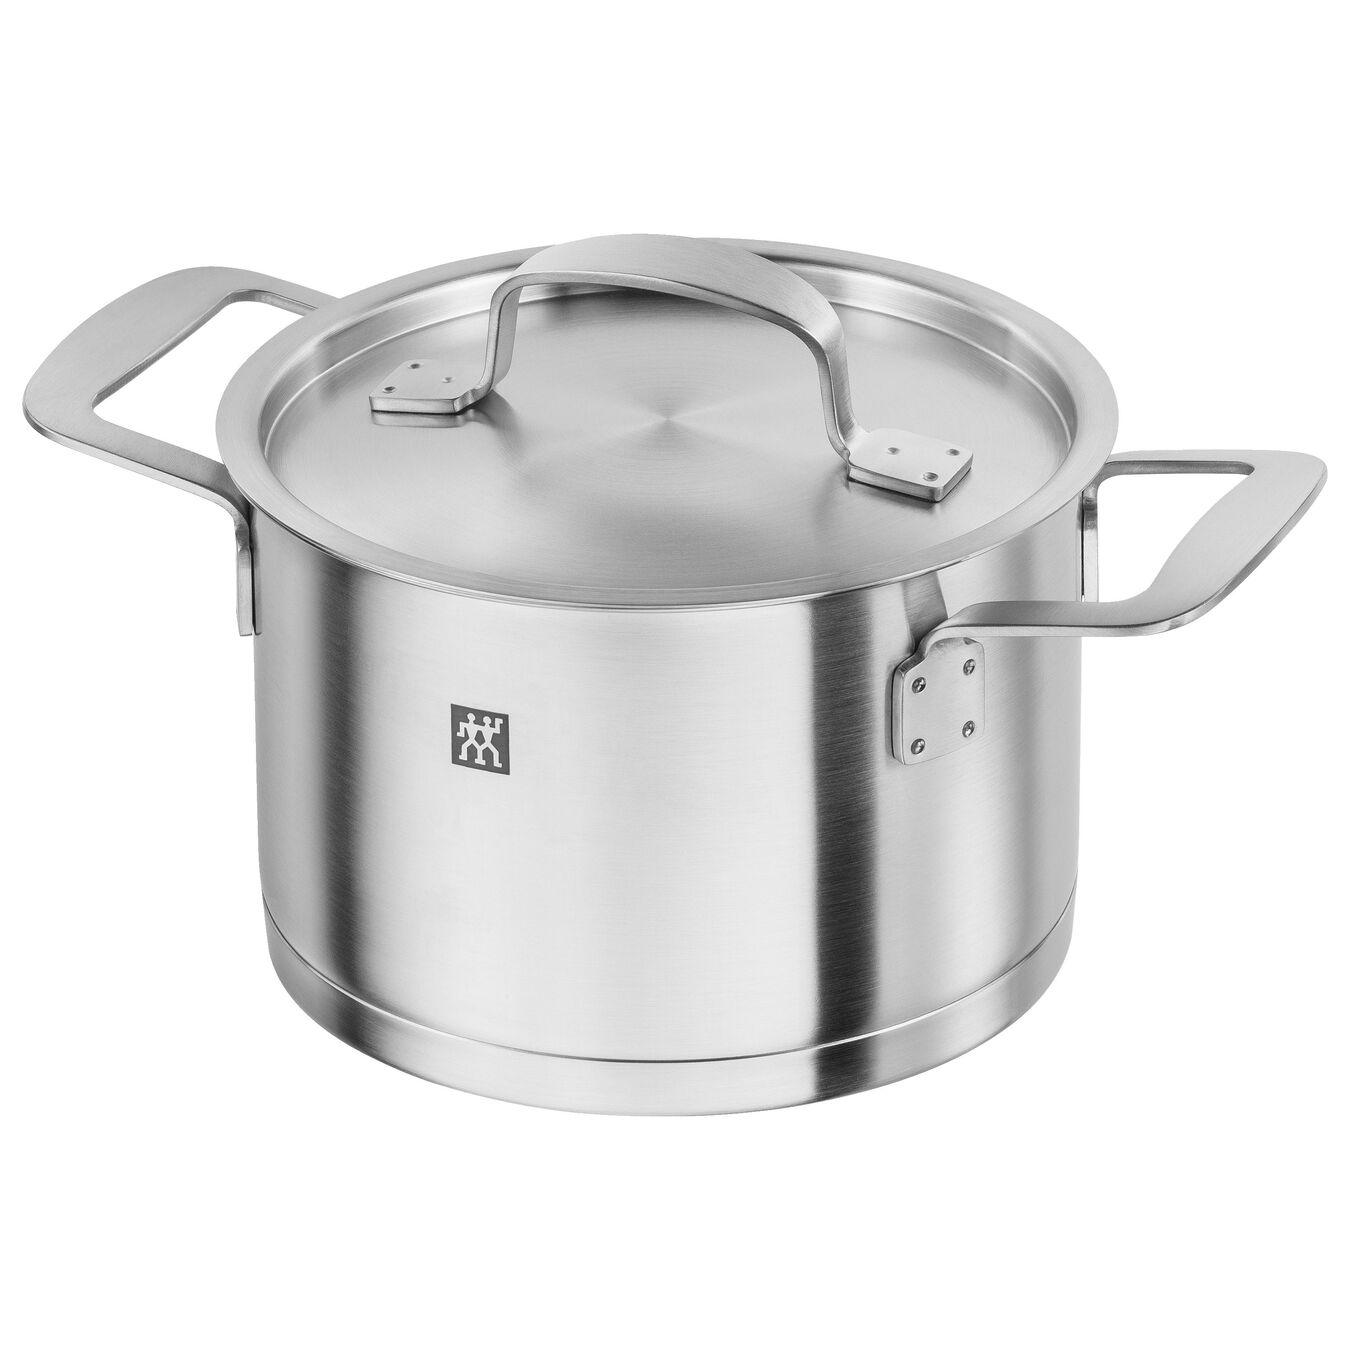 Ensemble de casseroles 4-pcs,,large 5